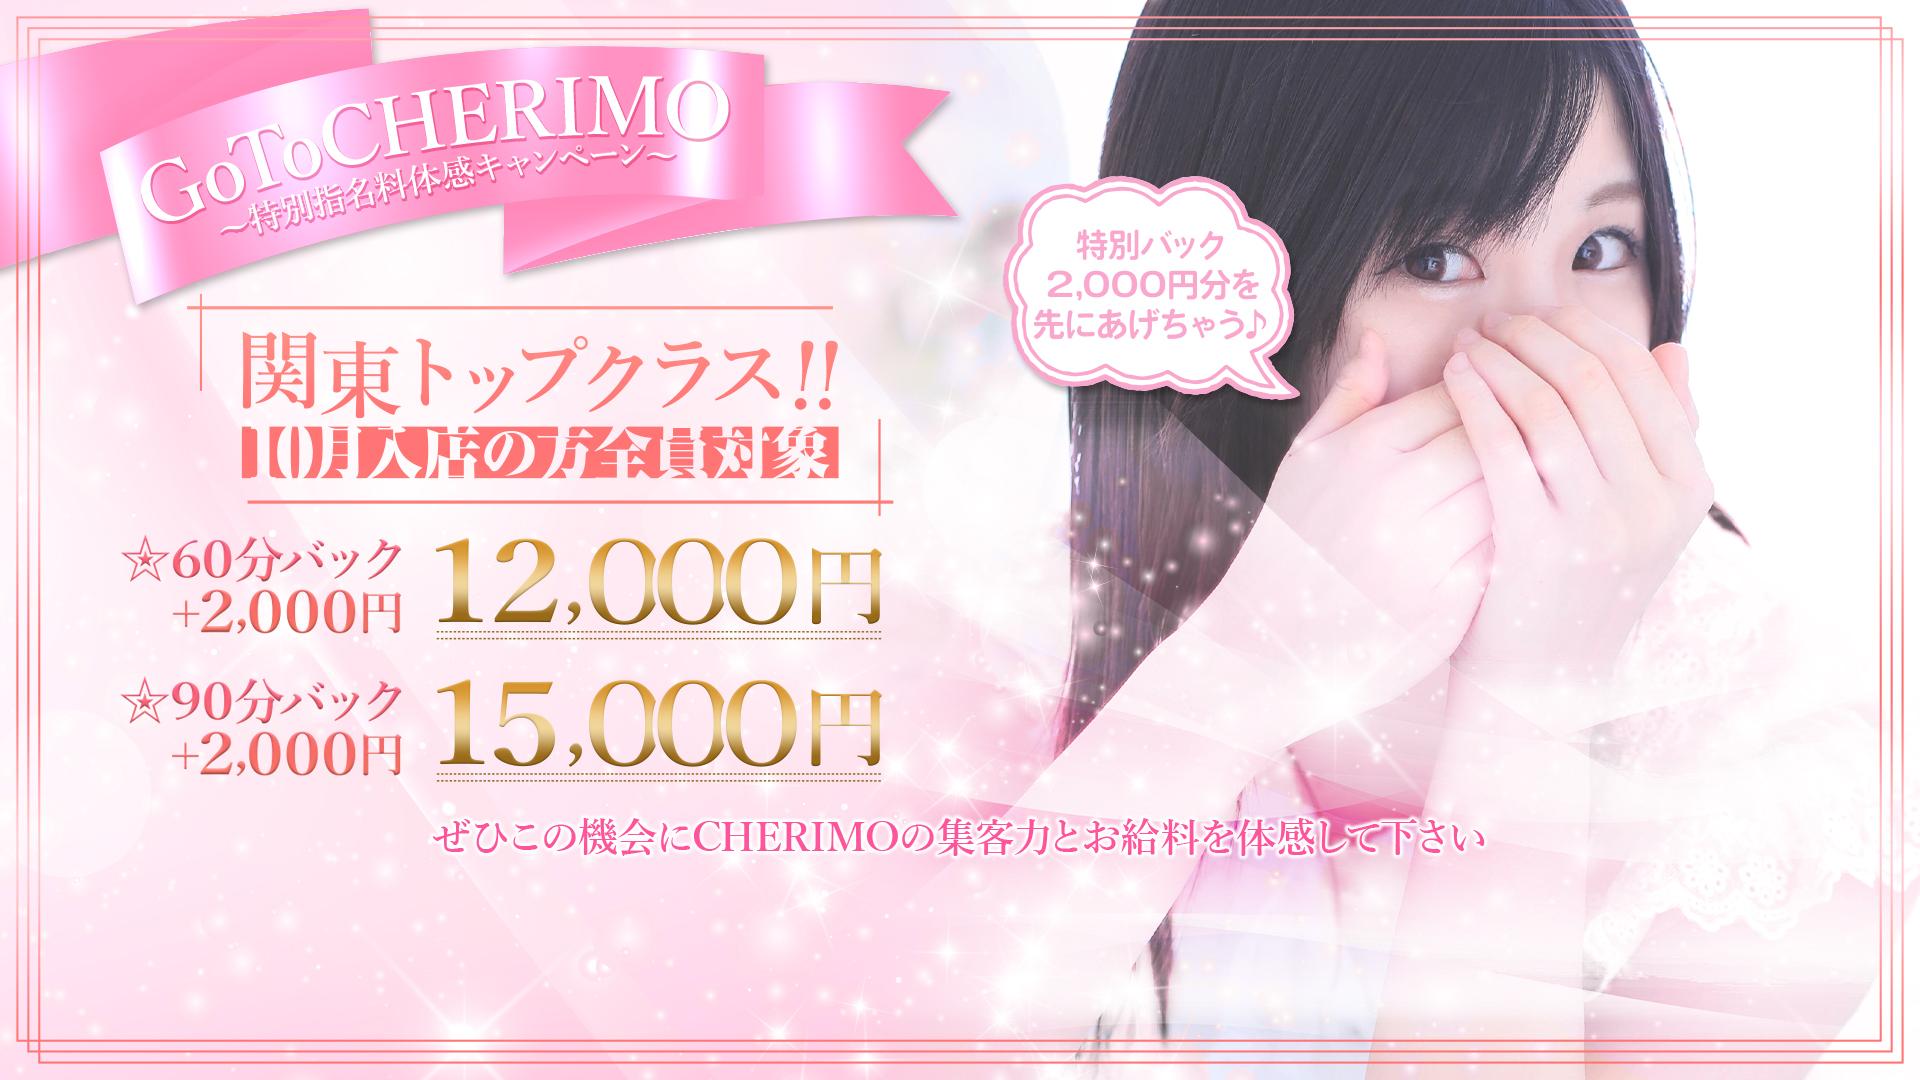 CHERIMO(シェリモ)の求人画像